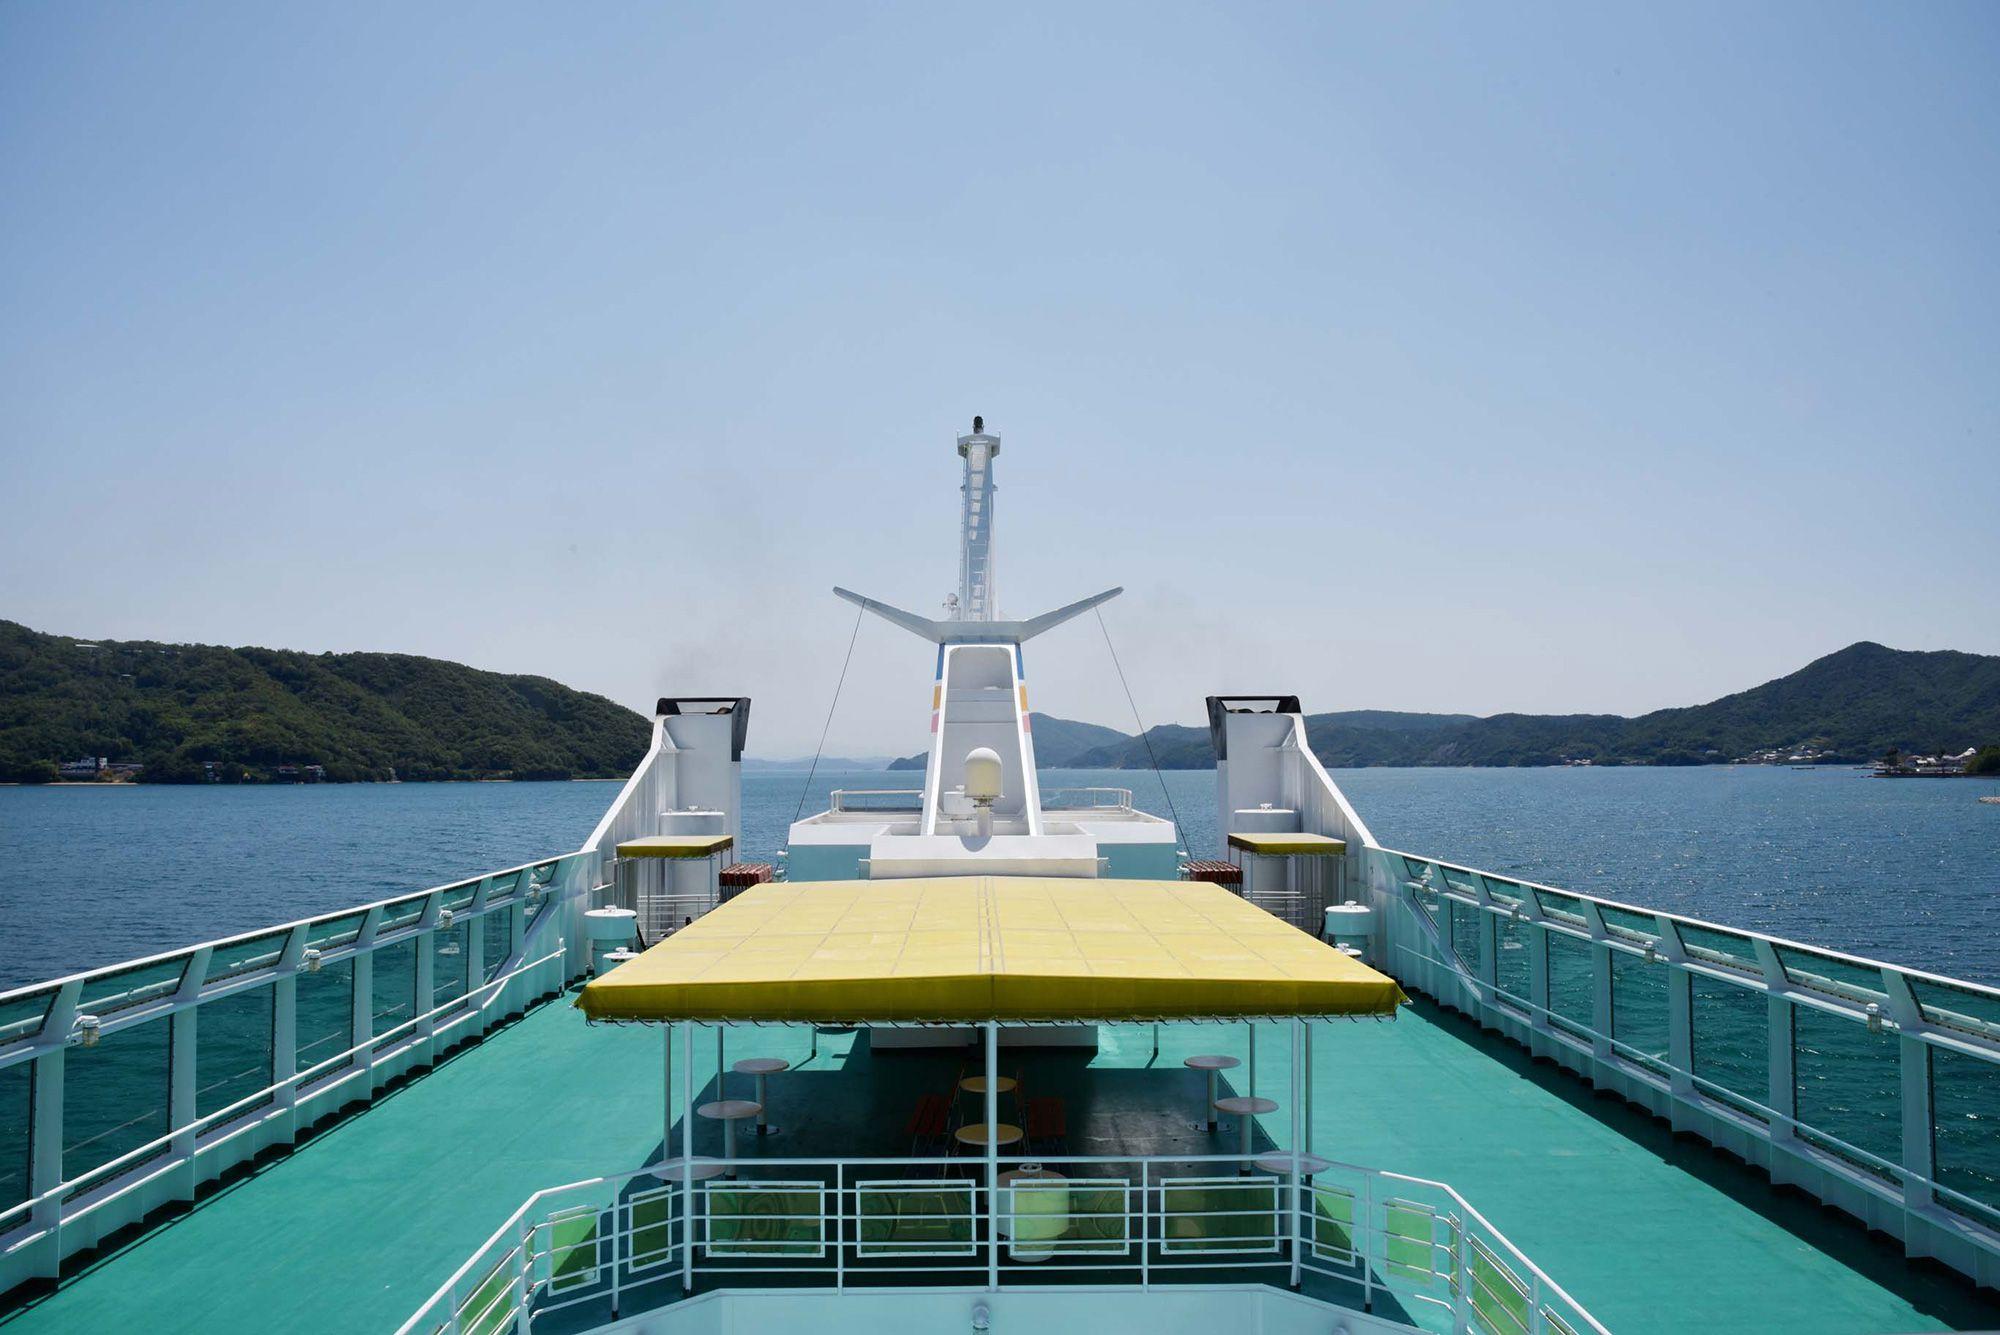 搭乗渡輪從高松港前往小豆島。海天相連的片刻。